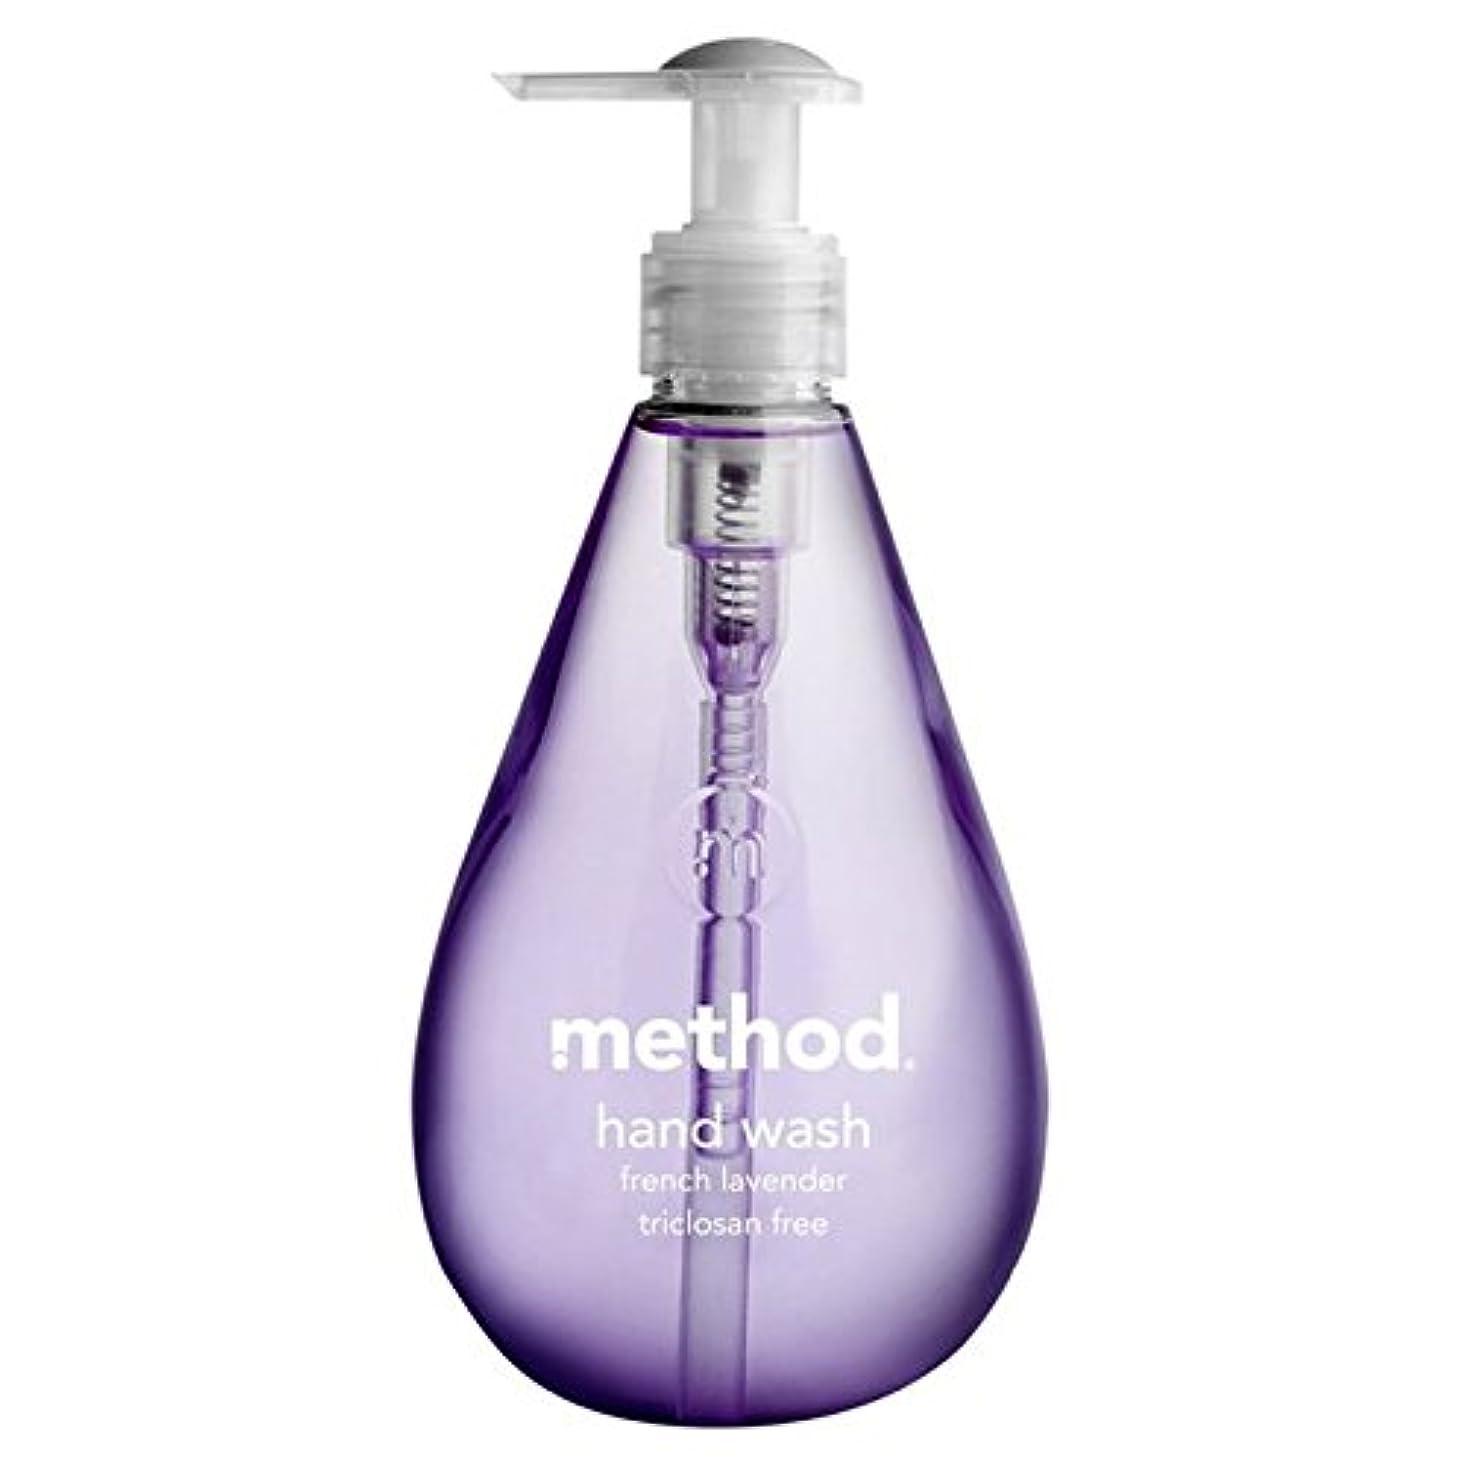 メソッドフレンチラベンダーの354ミリリットル x2 - Method French Lavender Handsoap 354ml (Pack of 2) [並行輸入品]